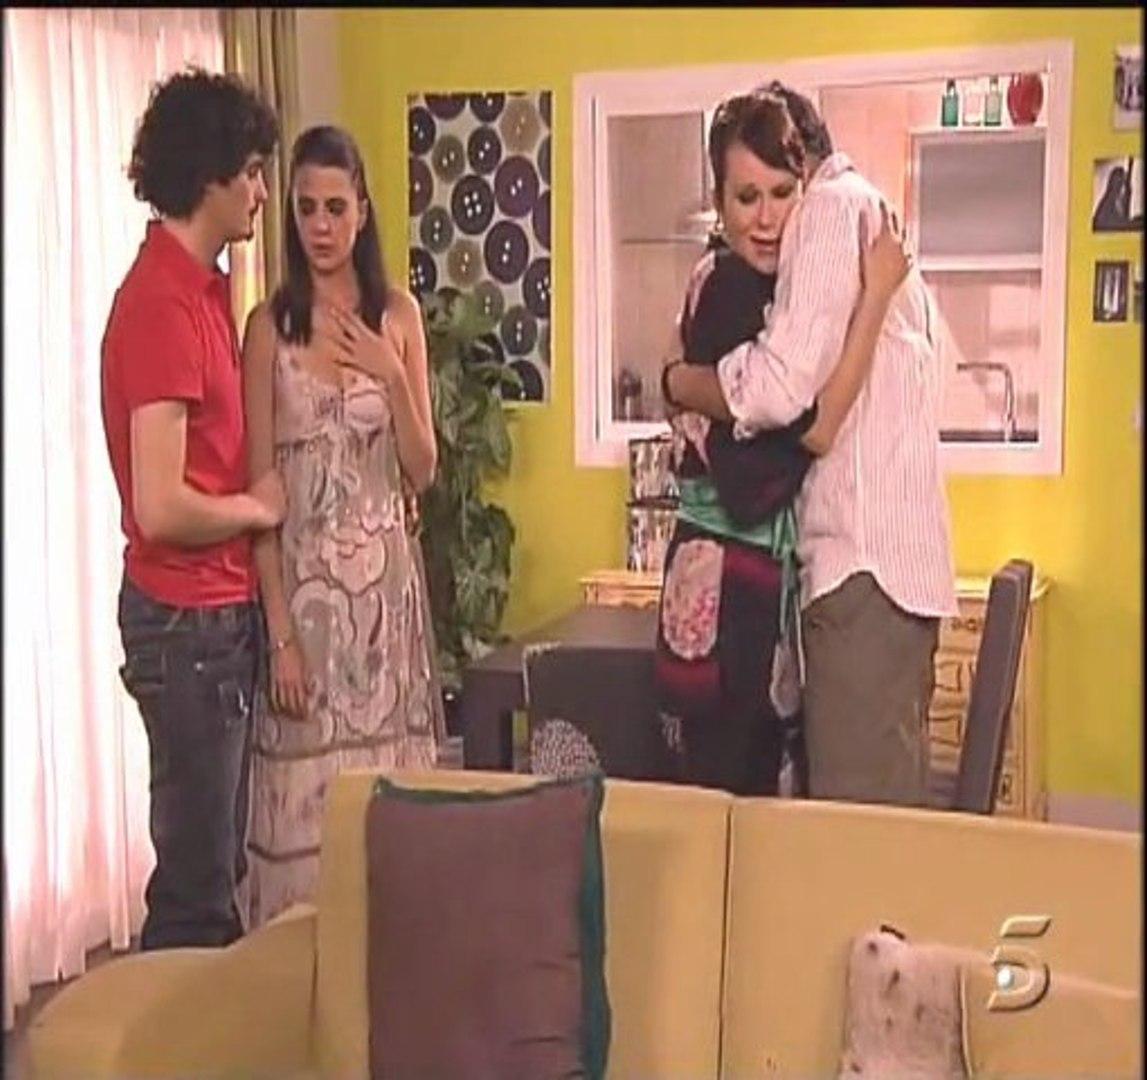 Lola Y Javi Lo Hacen En El Bano.Estela Reynolds La Serie 2x01 Un Kawalapiti